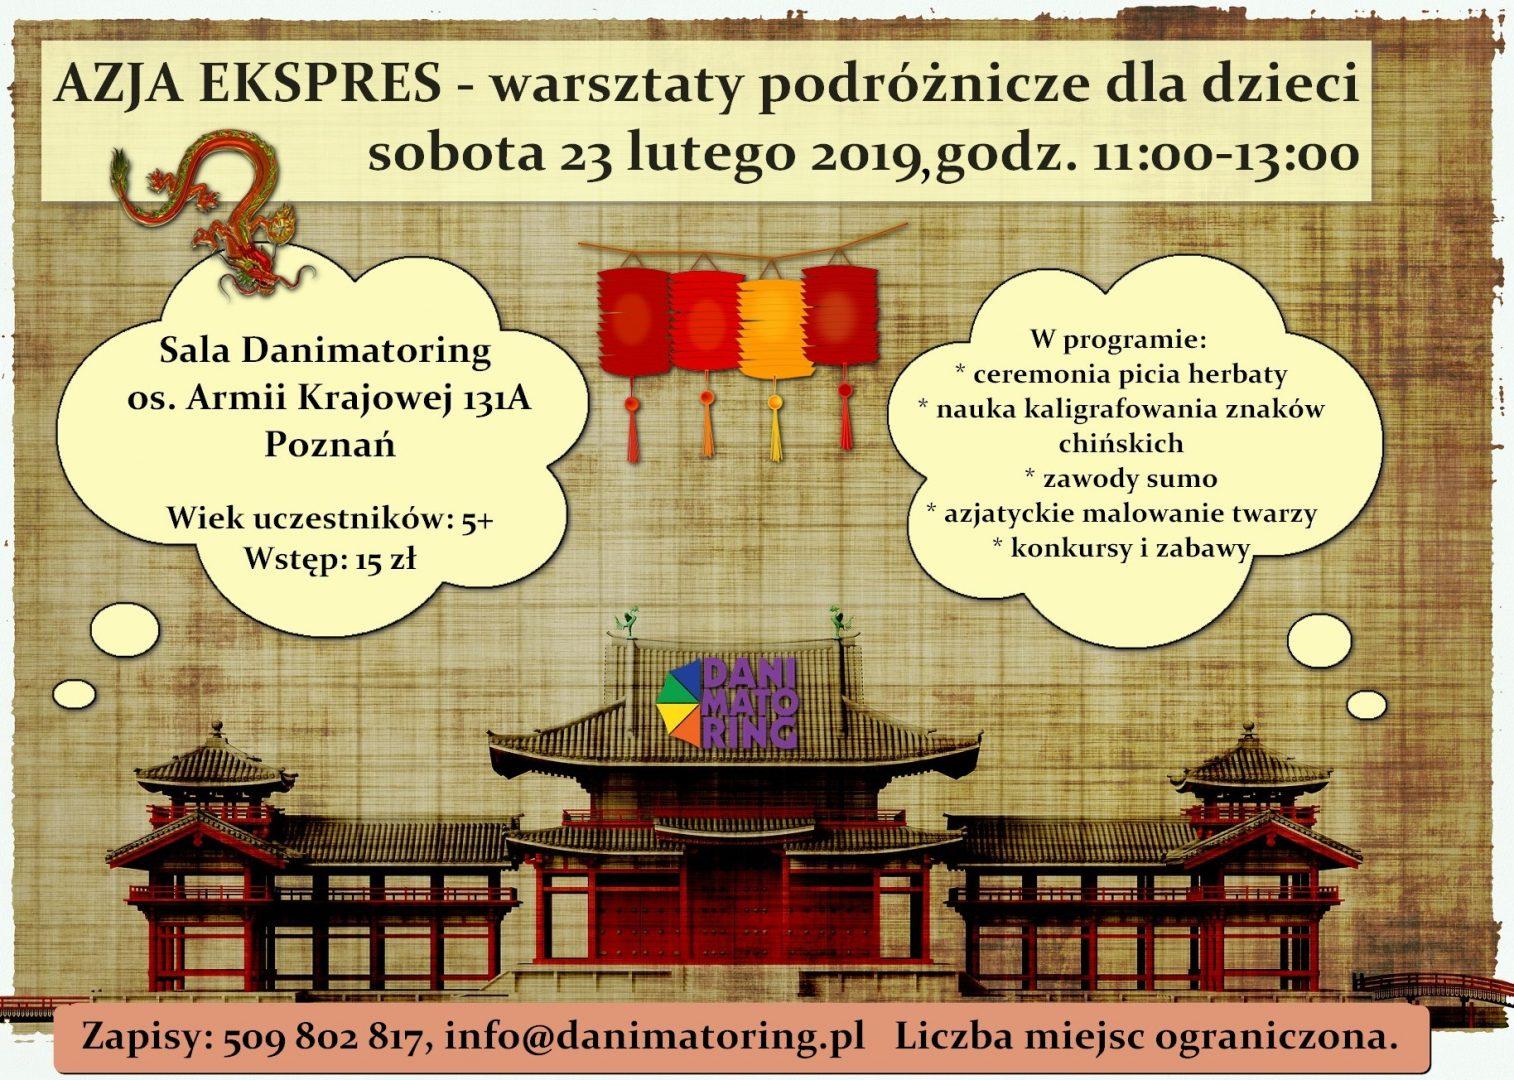 Azja Ekspres - Warsztaty Podróżnicze Dla Dzieci - Danimatoring.pl zdjęcie nr 1